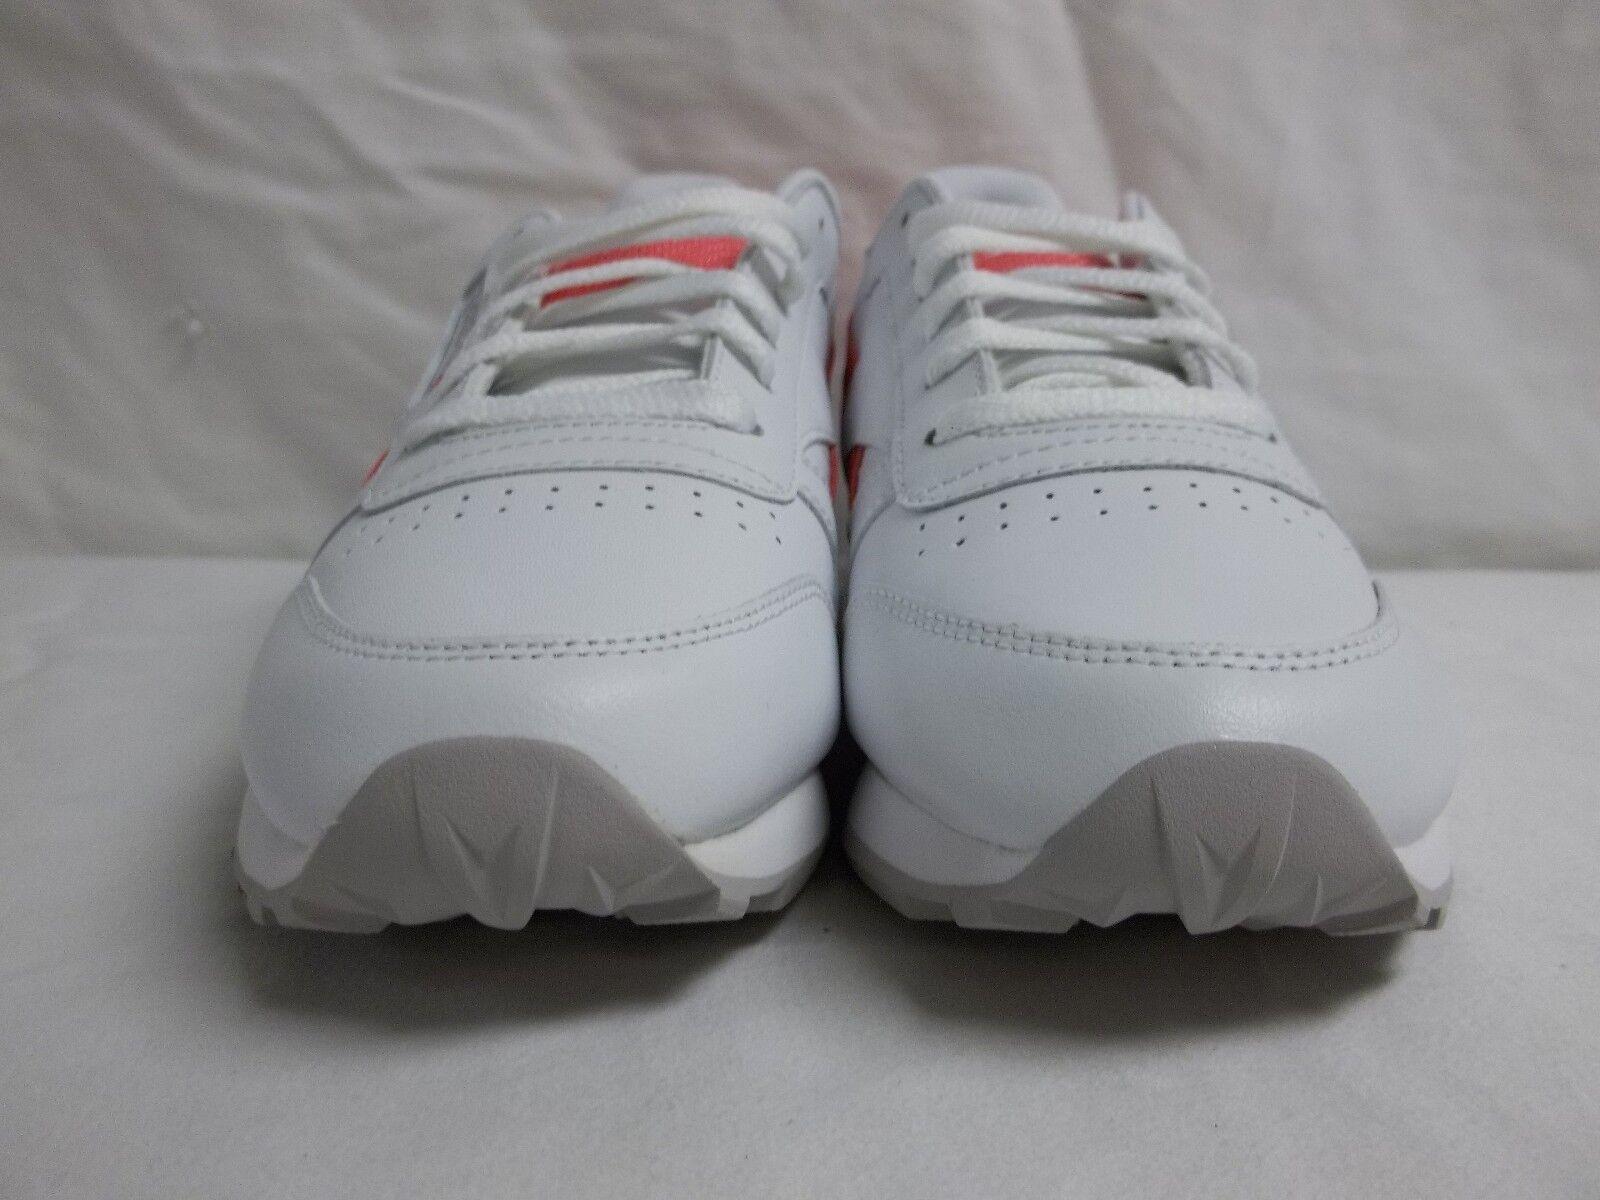 Reebok Größe 5 M Classic Leder Pop WEISS Running Sneakers NEU Damenschuhe Schuhes NWOB